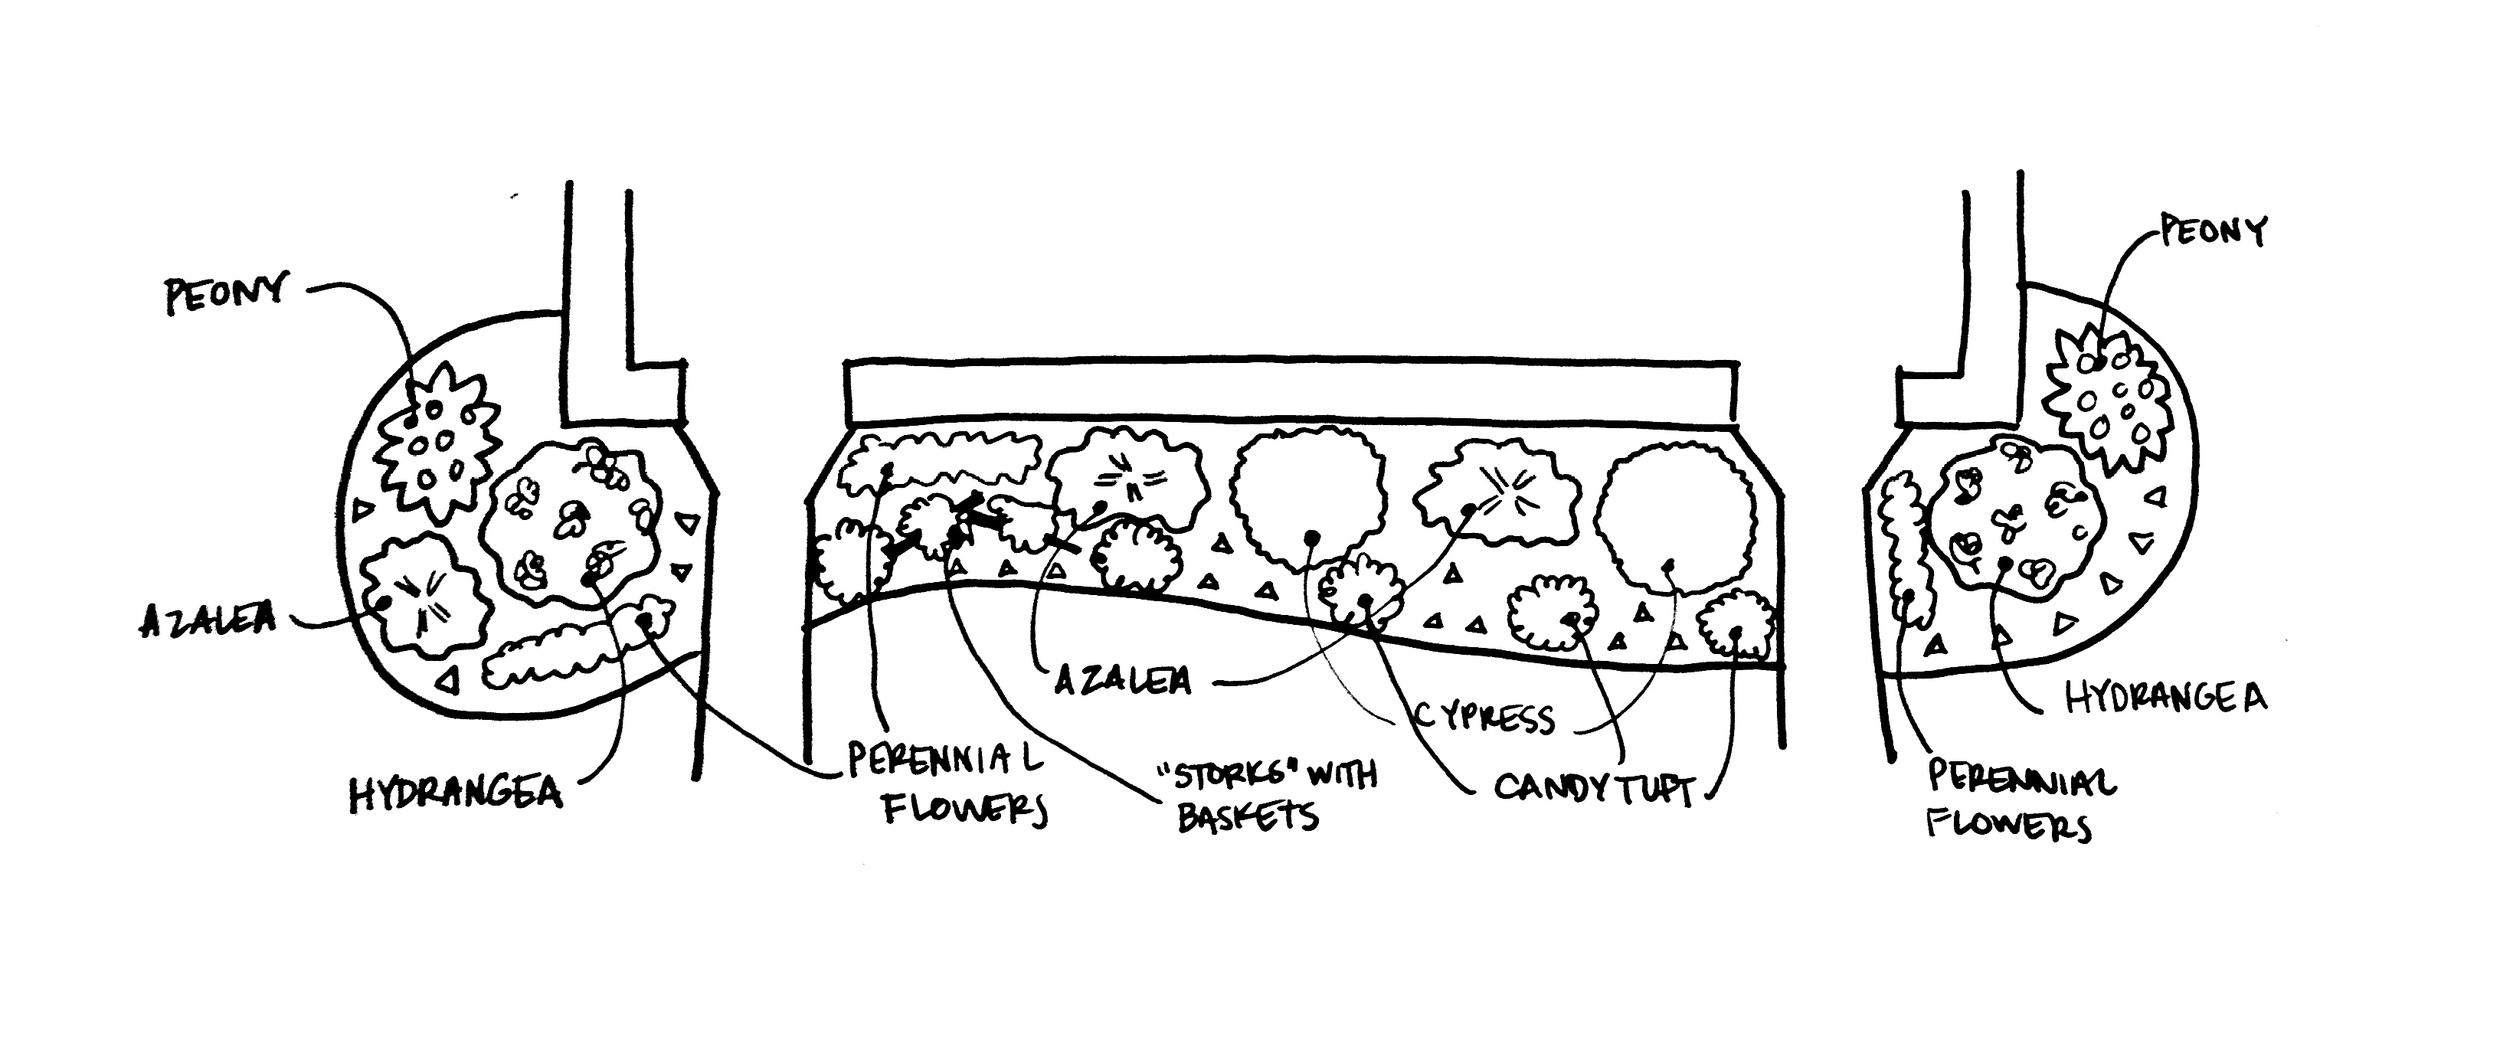 Front Garden Plan - Stevie Storck Design Co.